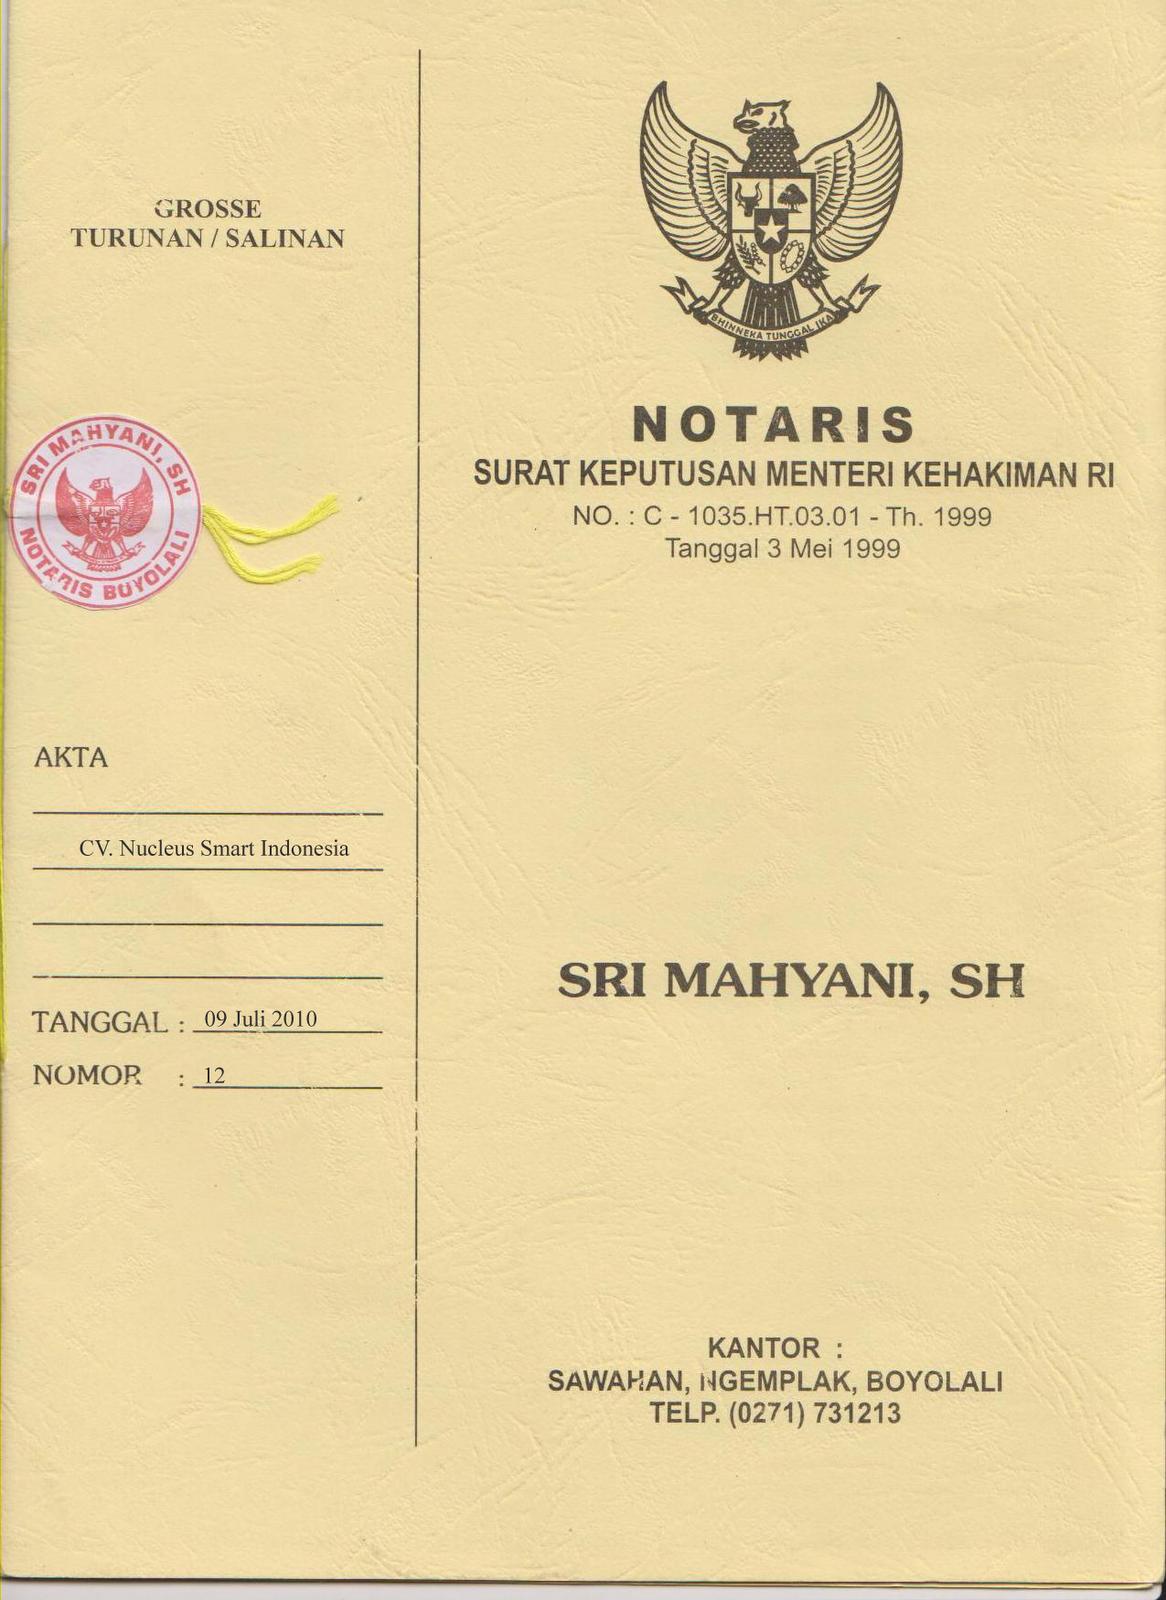 Jual Beli Tanah Akta Notaris